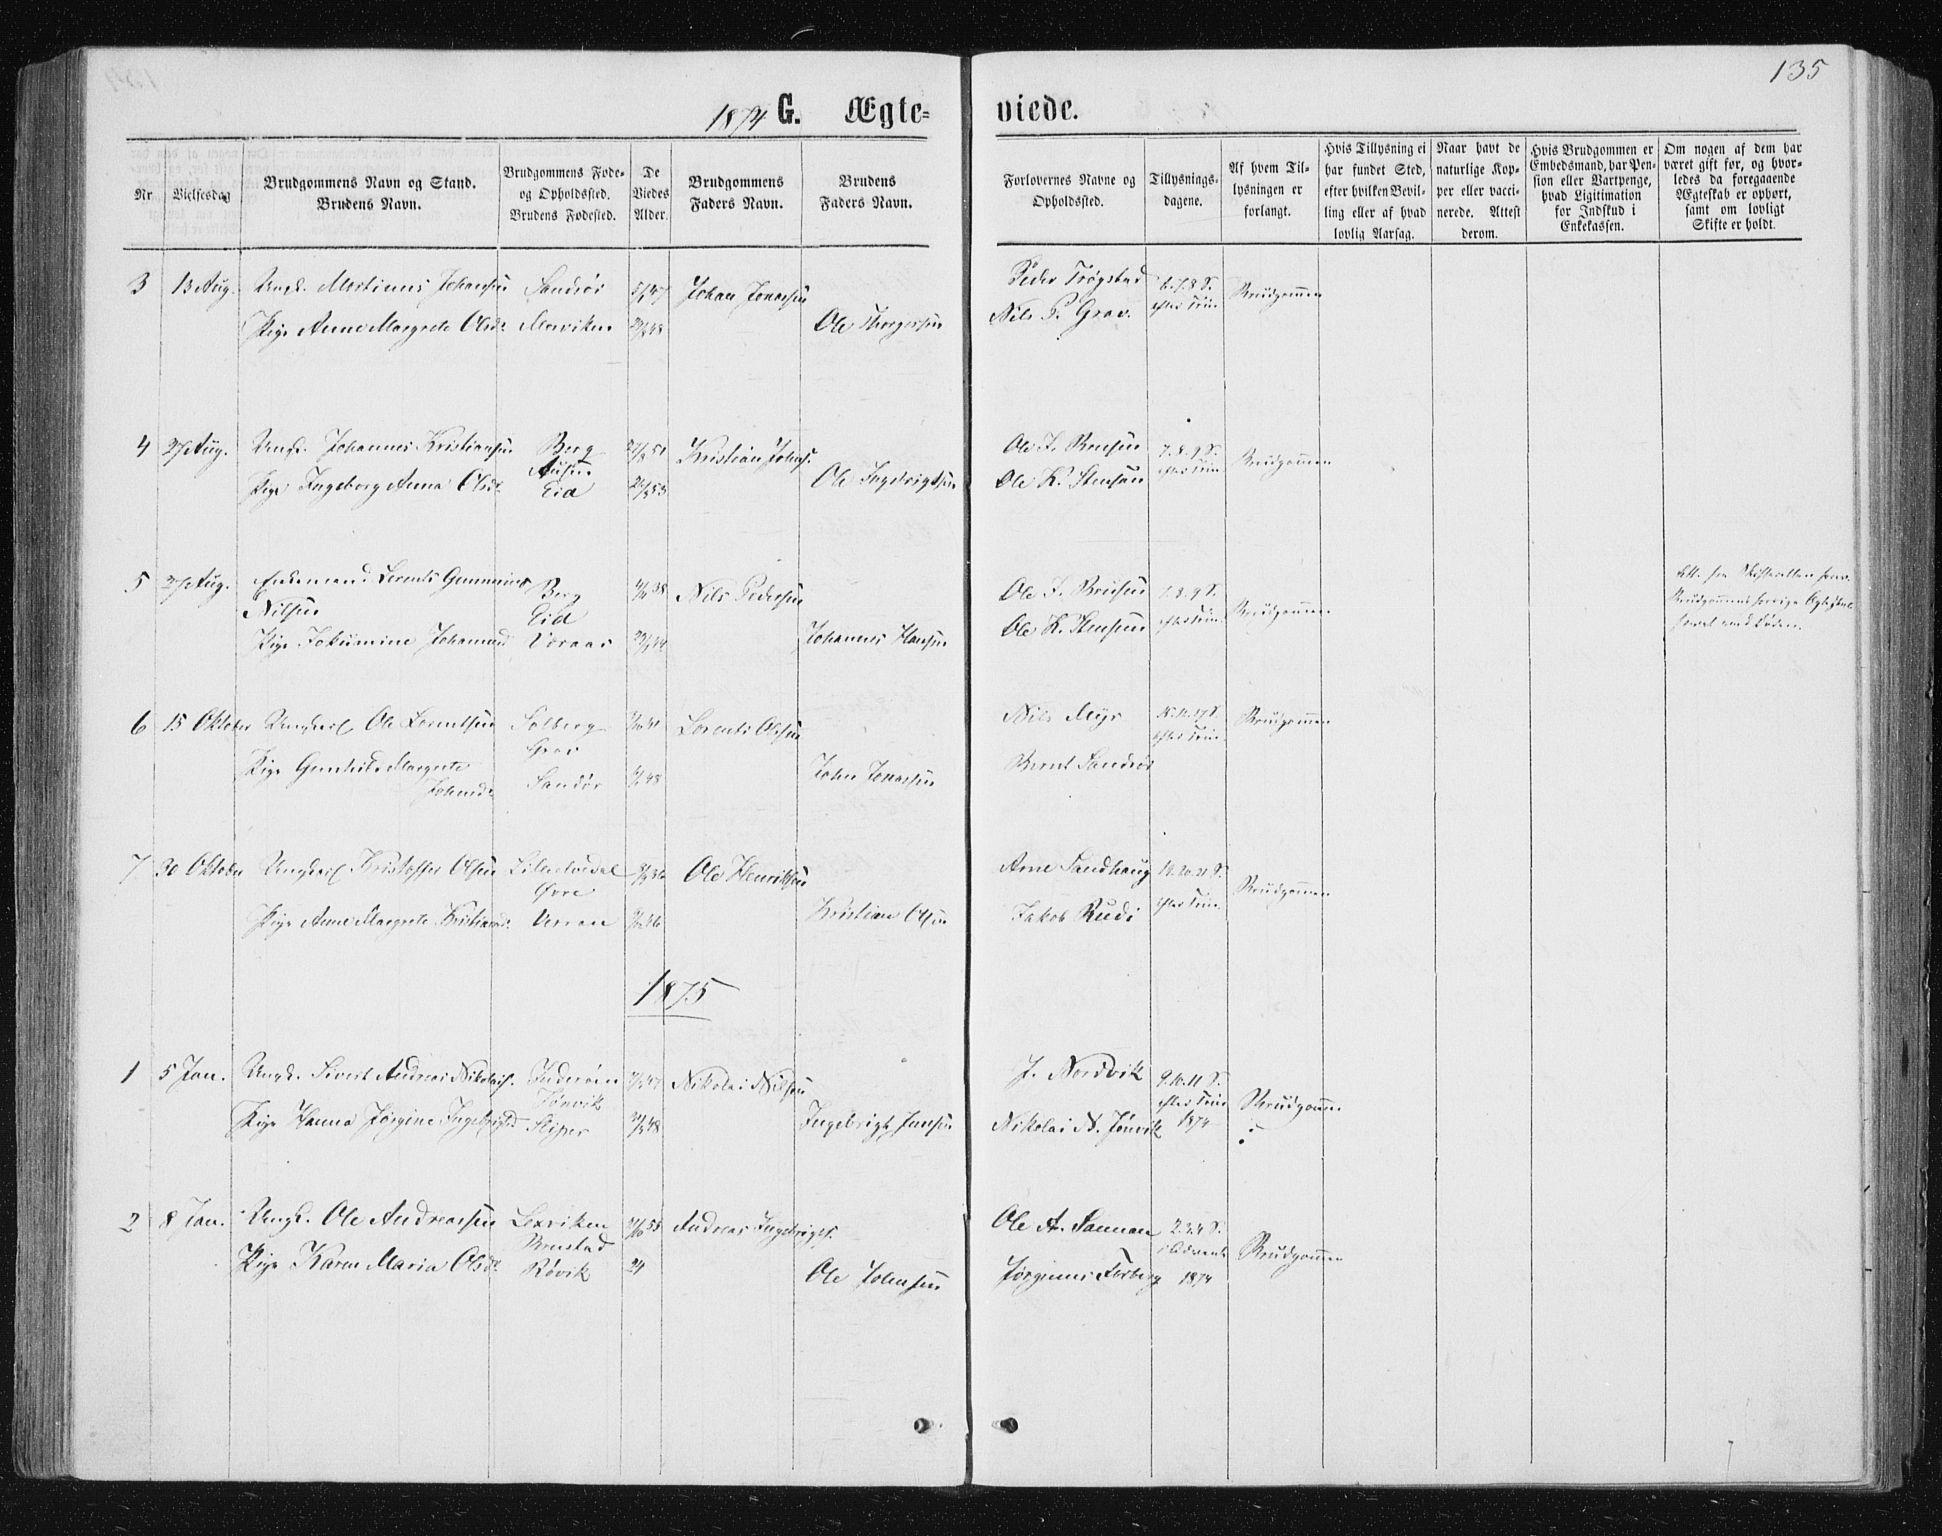 SAT, Ministerialprotokoller, klokkerbøker og fødselsregistre - Nord-Trøndelag, 722/L0219: Ministerialbok nr. 722A06, 1868-1880, s. 135